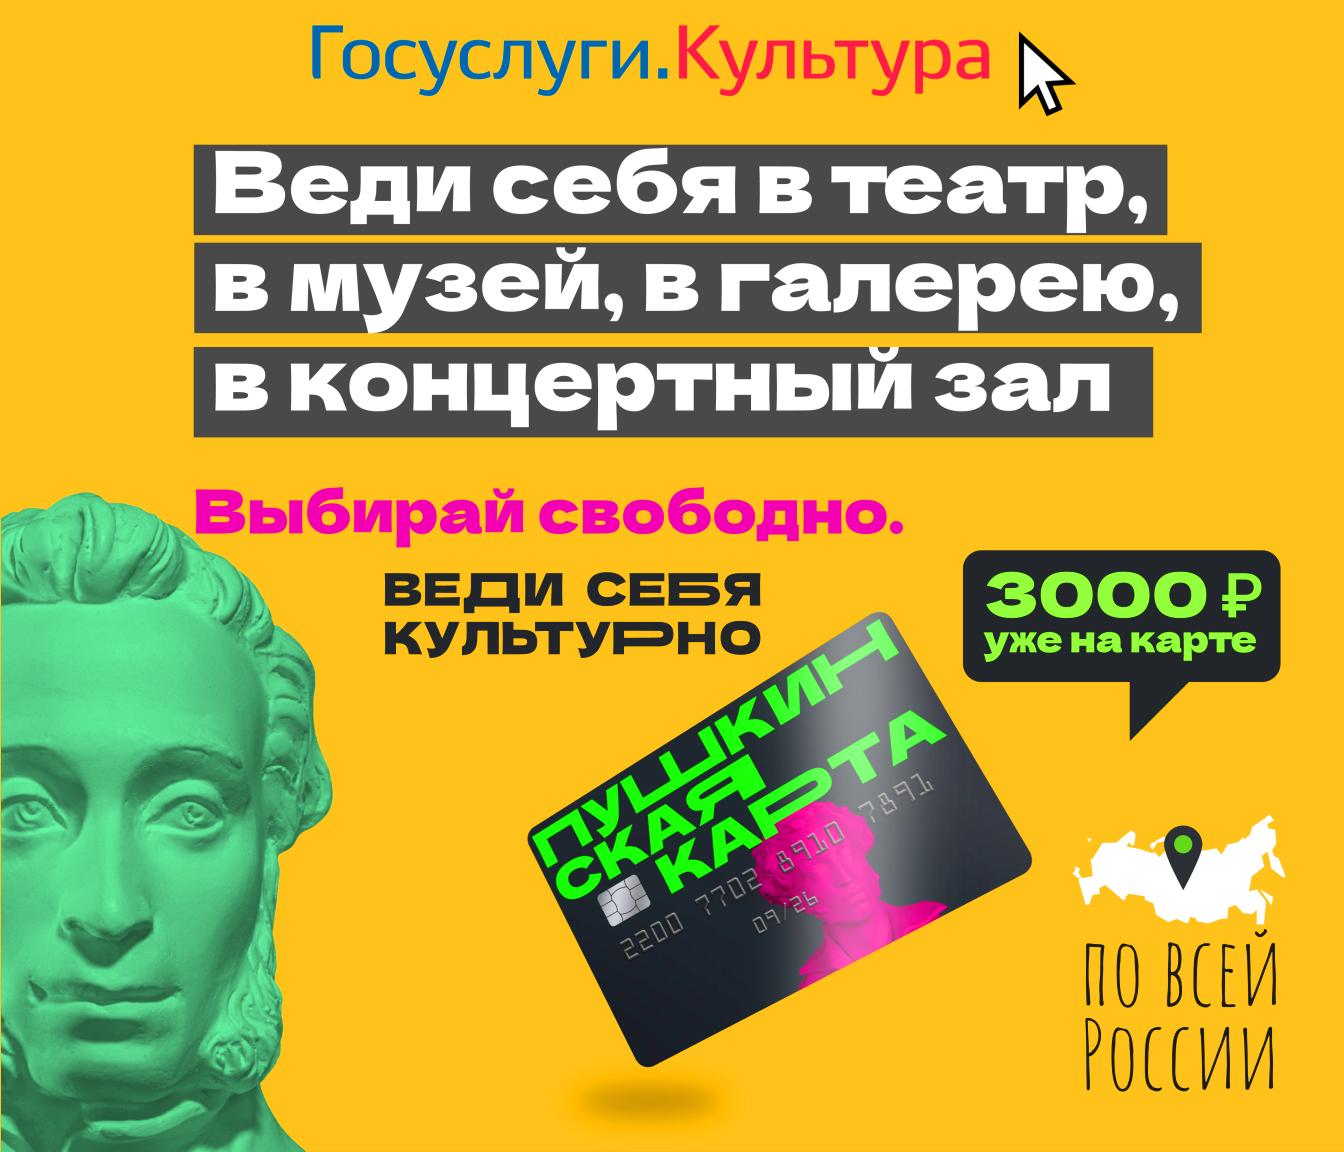 Пушкинской карты